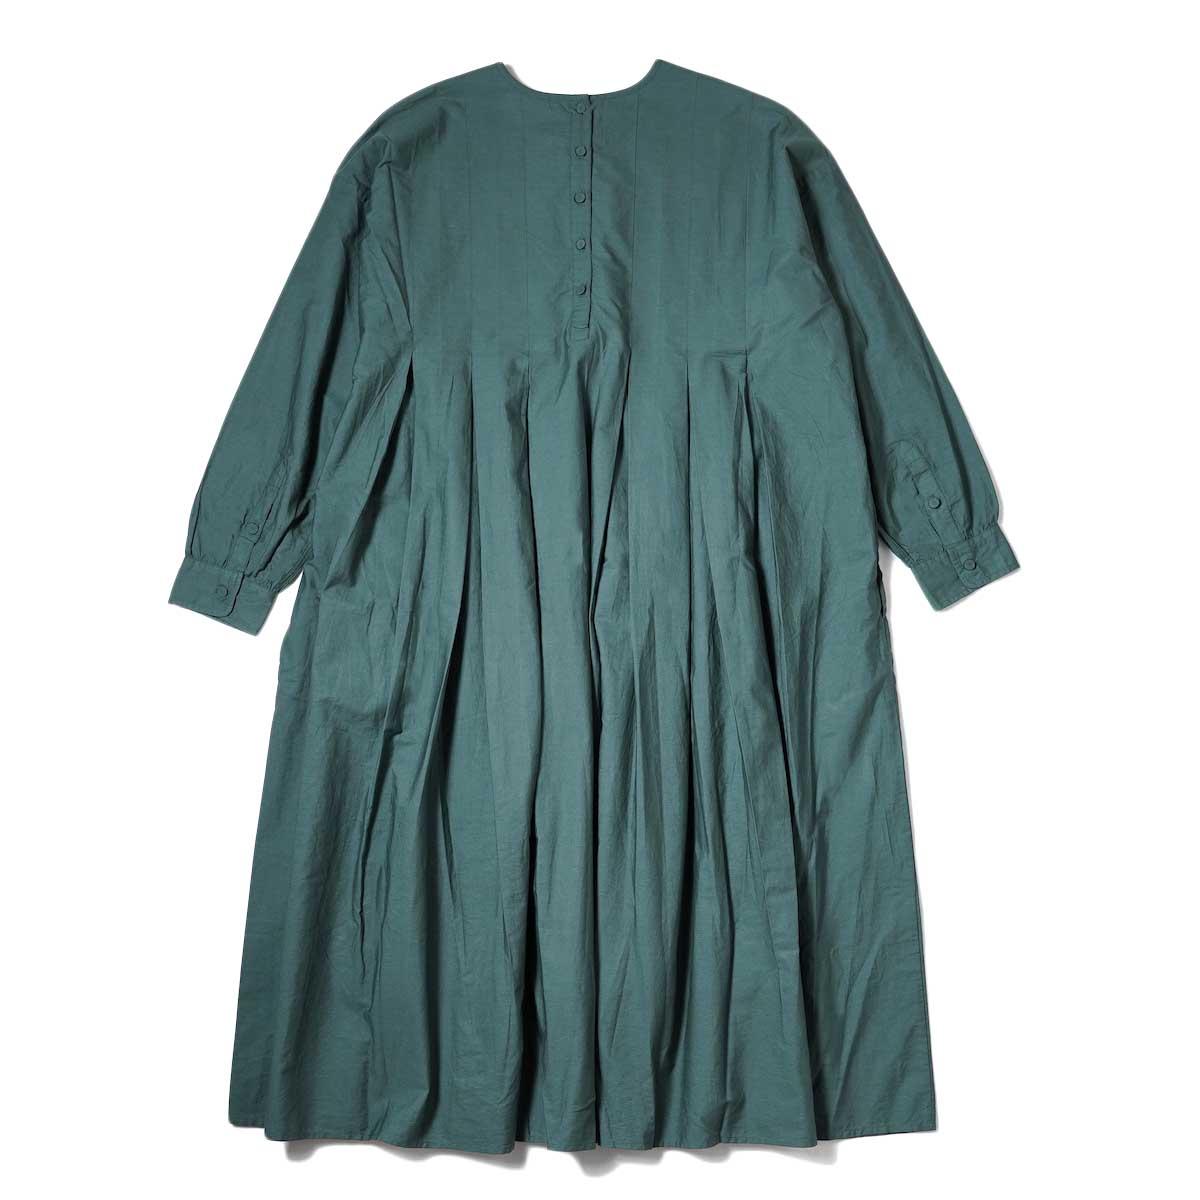 maison de soil / INVERTED PLEAT CREW-NECK P/O DRESS (Dk. Green) 背面